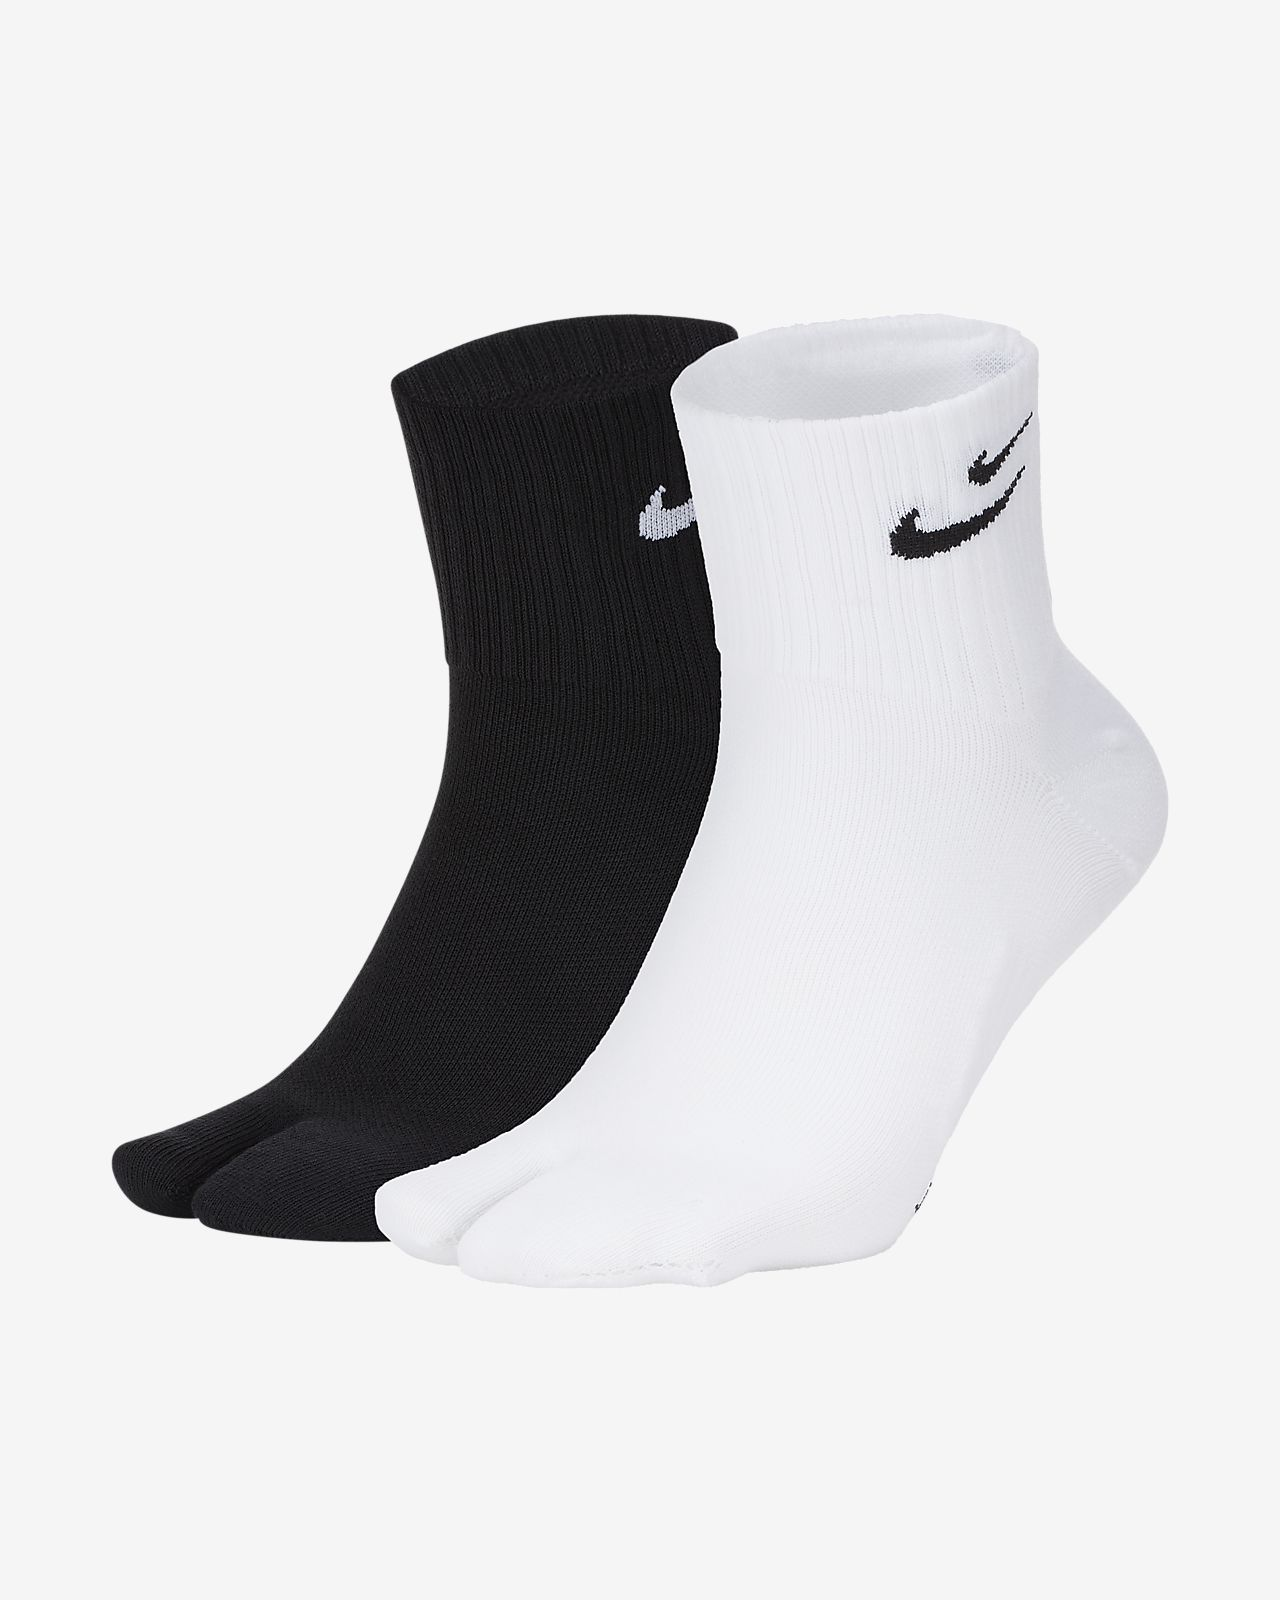 Nike Wildcard Knöchelsocken (2 Paar)